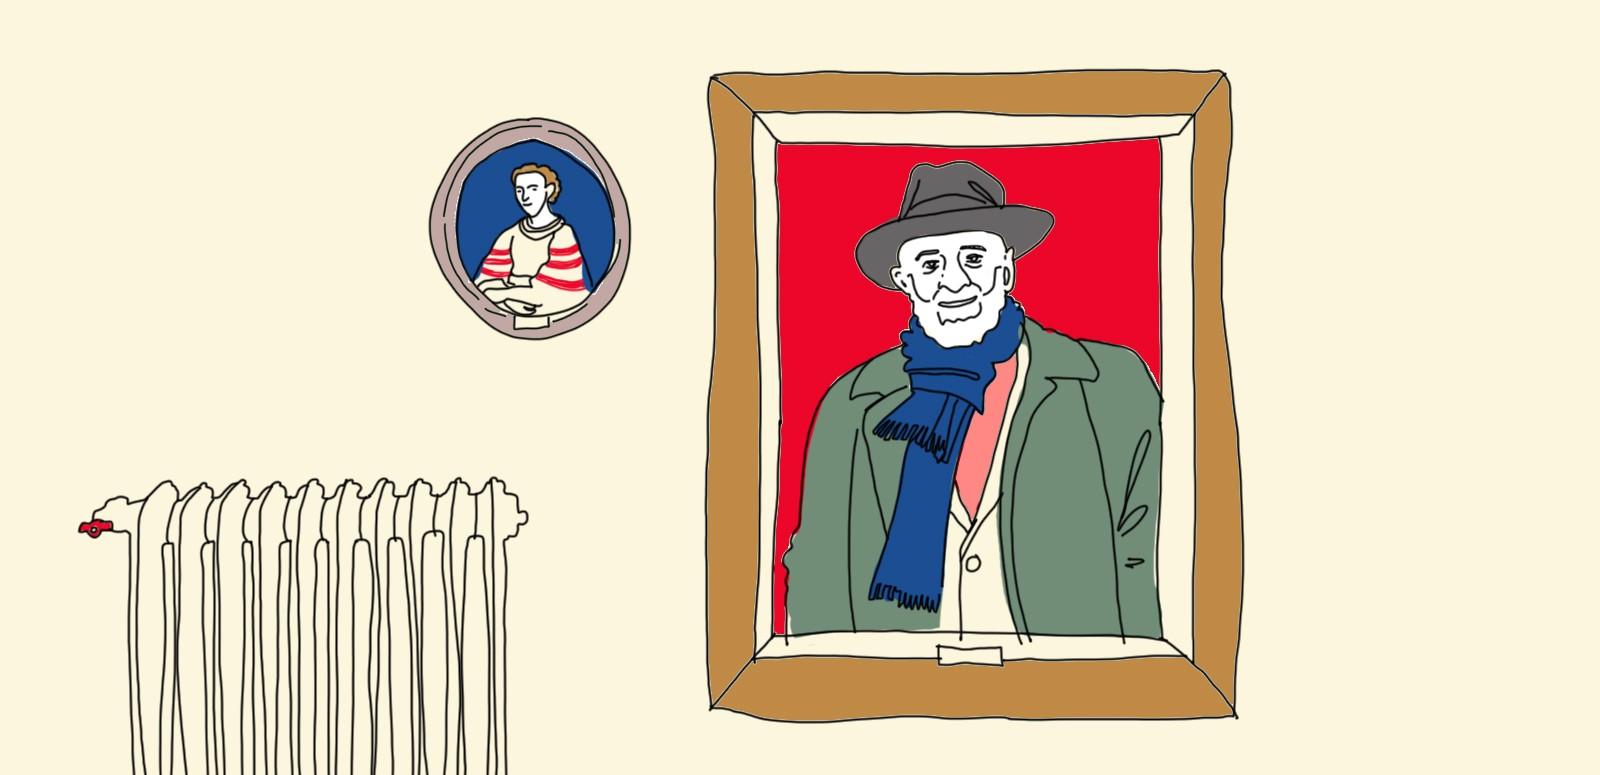 Кто такой Ройтбурд и почему важно, чтобы он стал директором музея